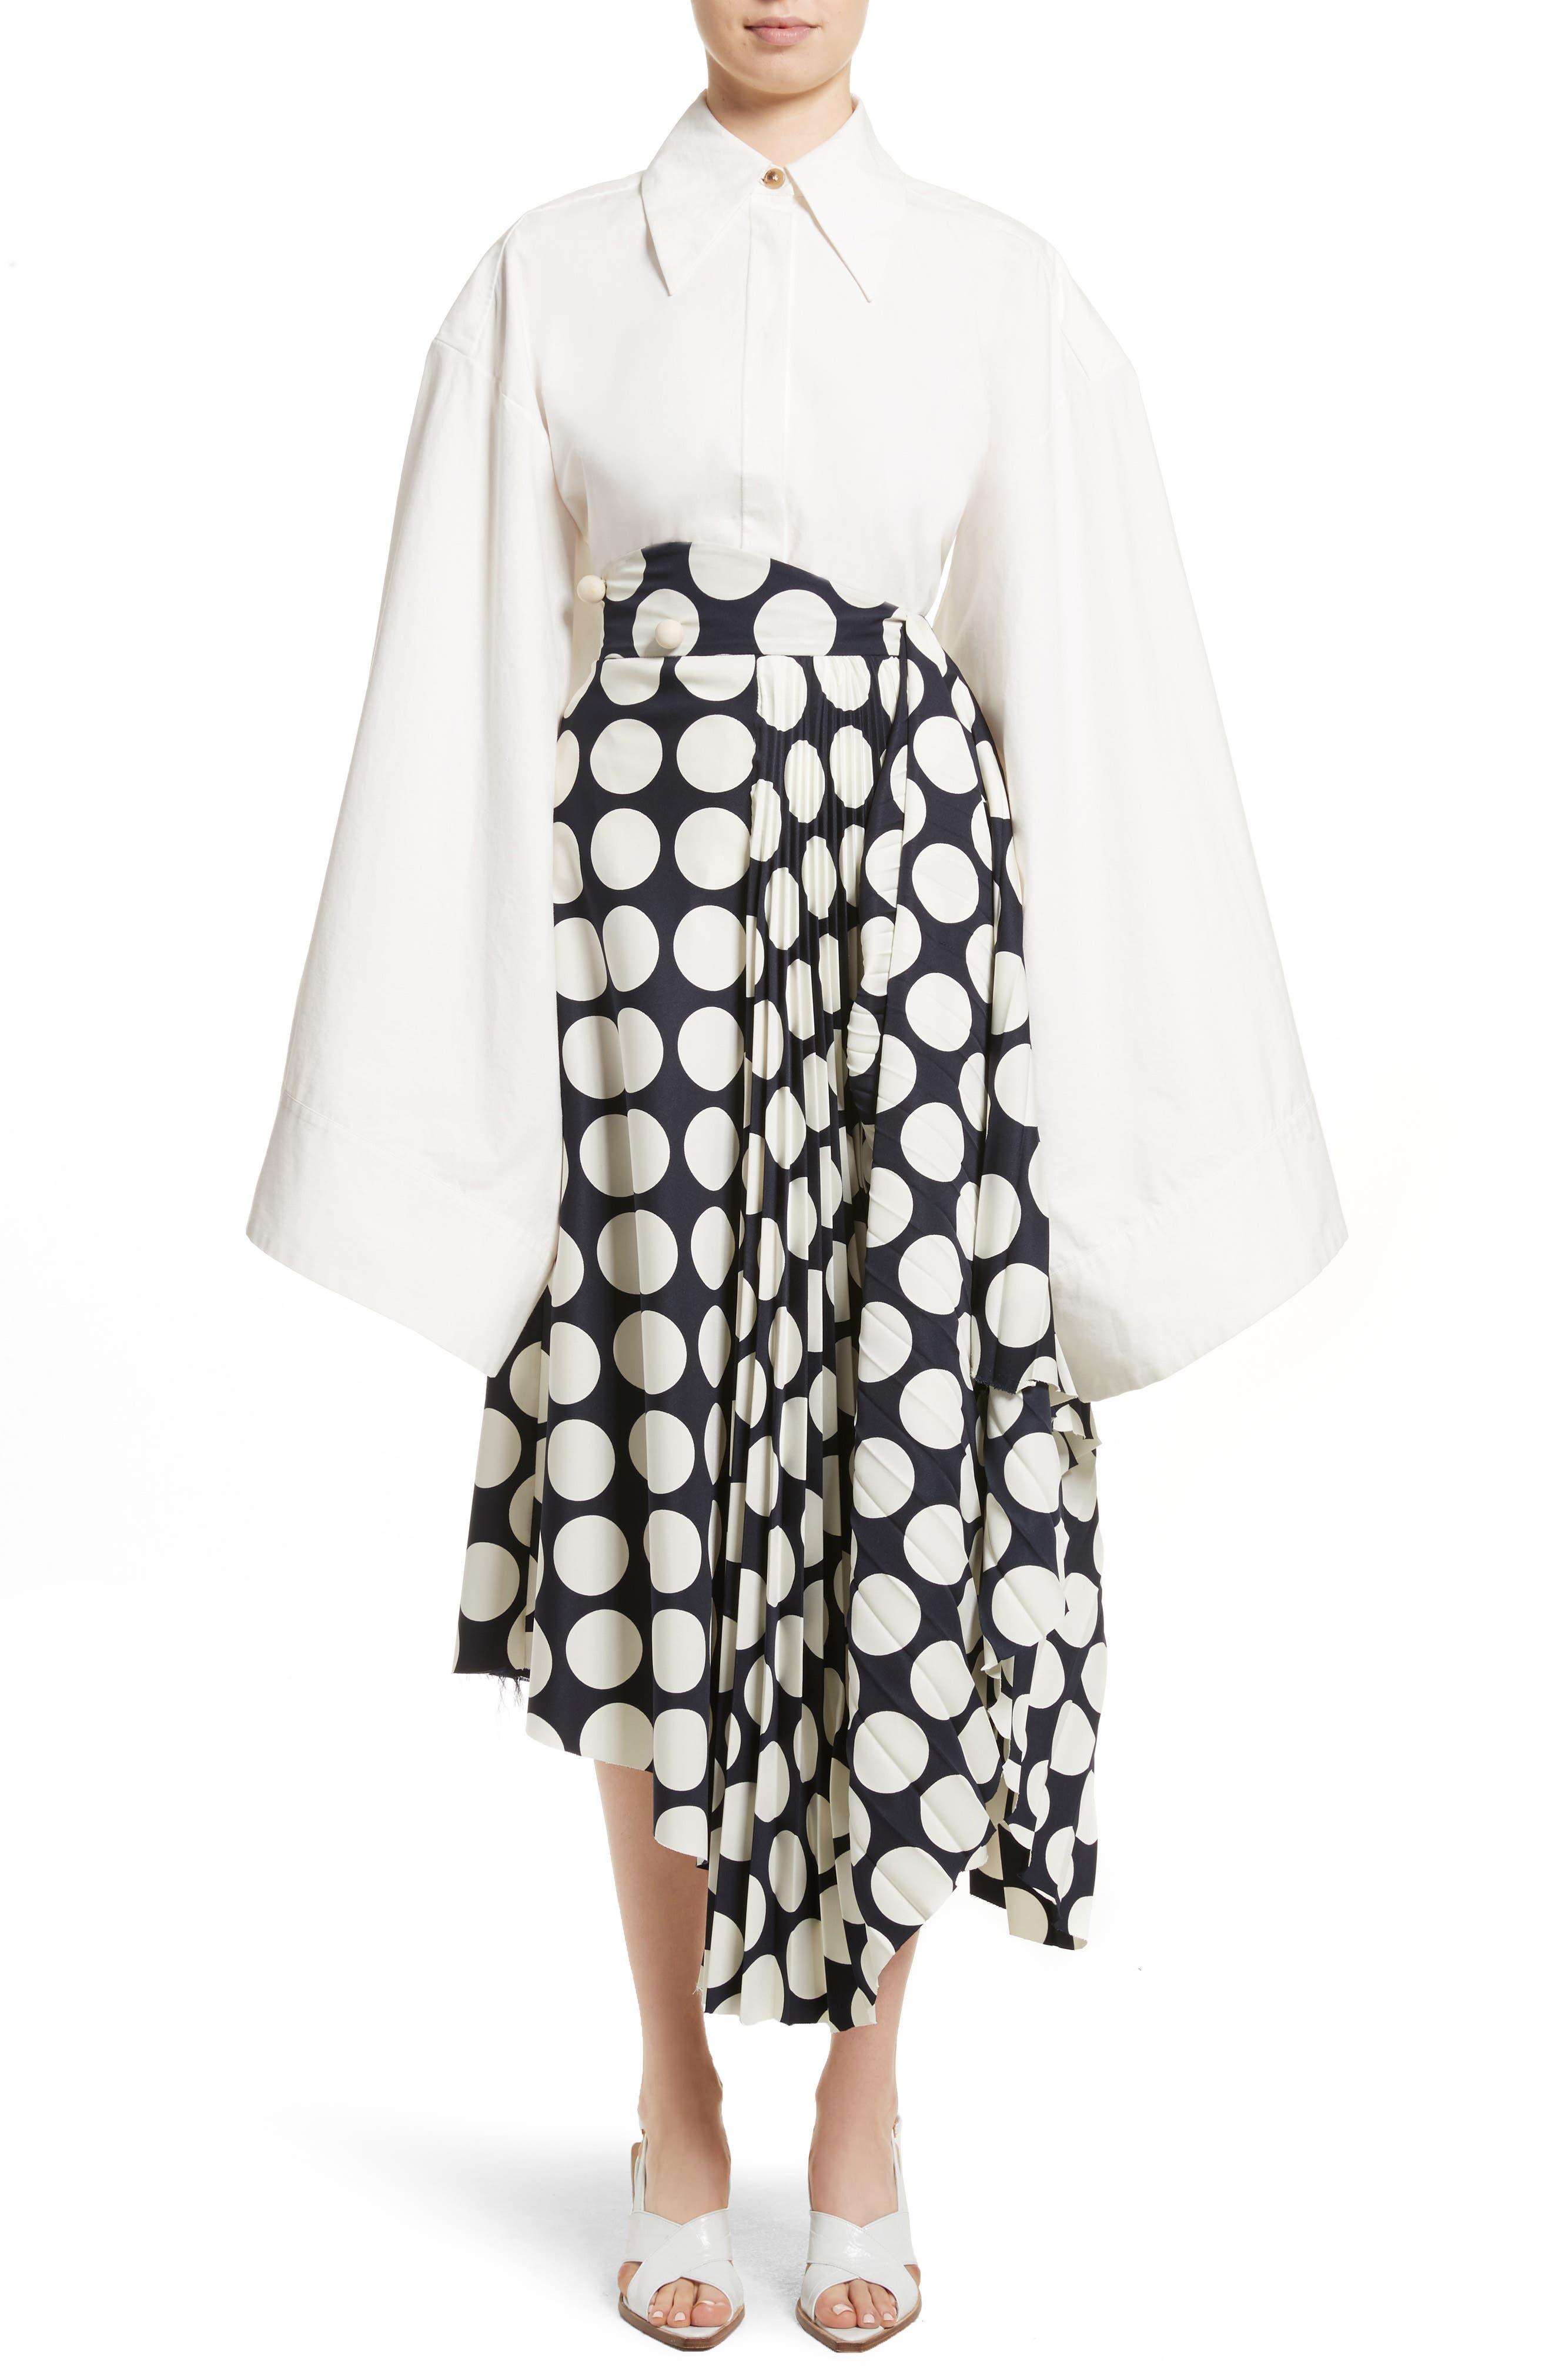 Giant Polka Dot Pleated Skirt,                             Alternate thumbnail 9, color,                             Navy/ Off-White